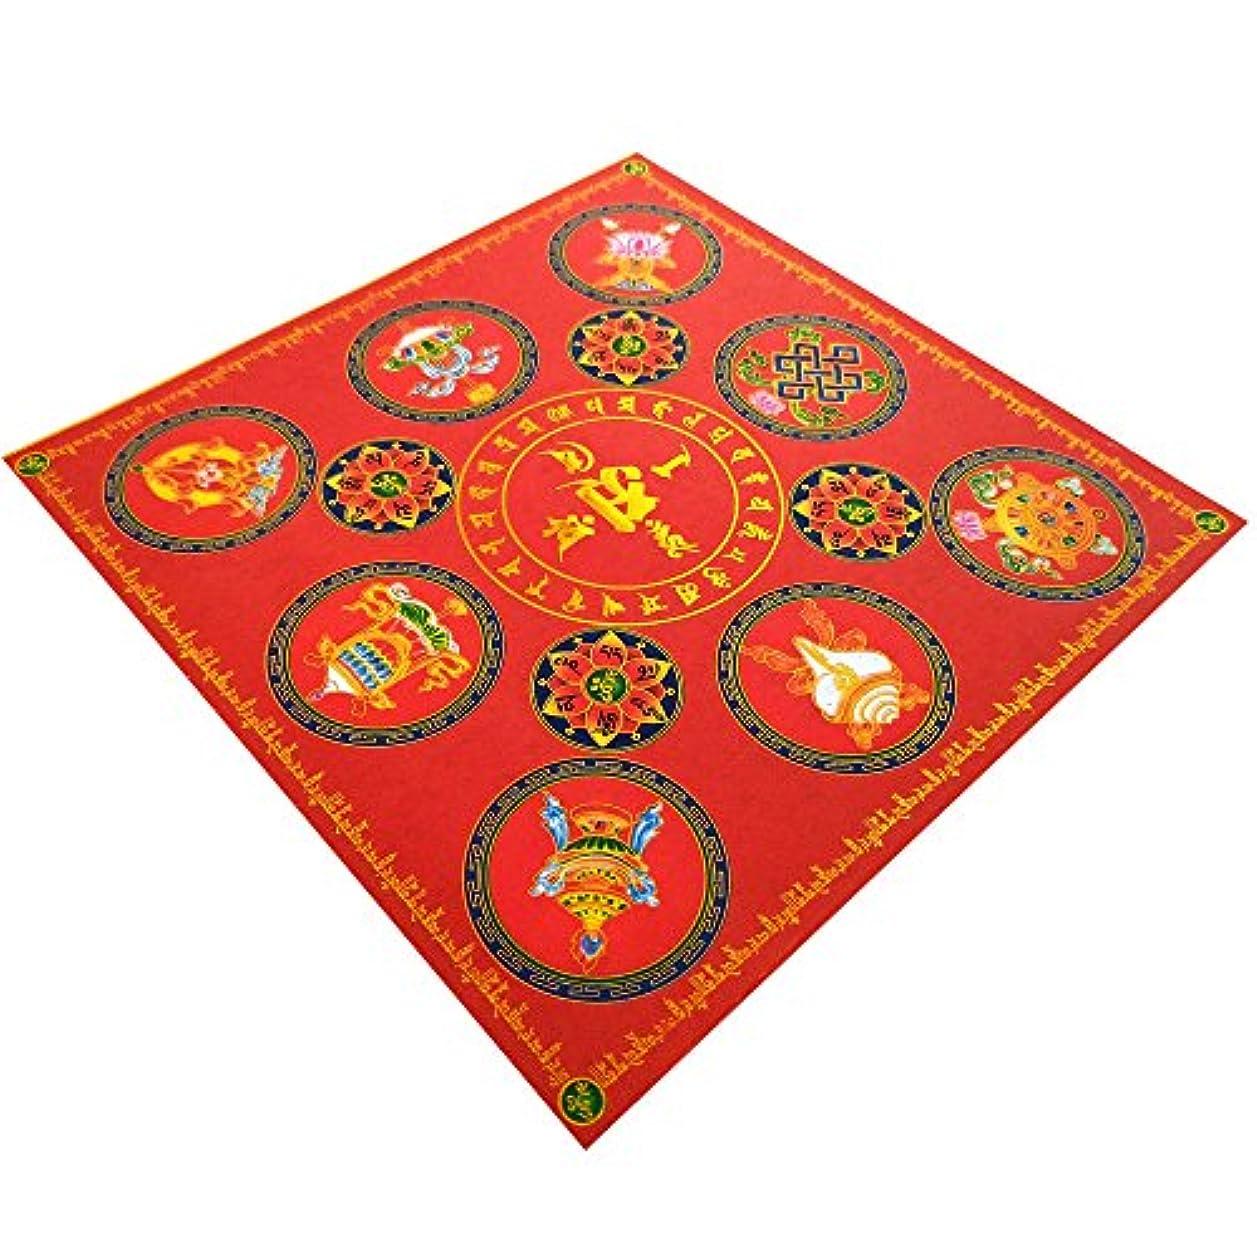 メイエラ予言する論理的zeestar祖先Incense用紙/ゴーストお金の祖先Praying 7.6インチx 7.6インチ、40個 – 吉祥(Lotus